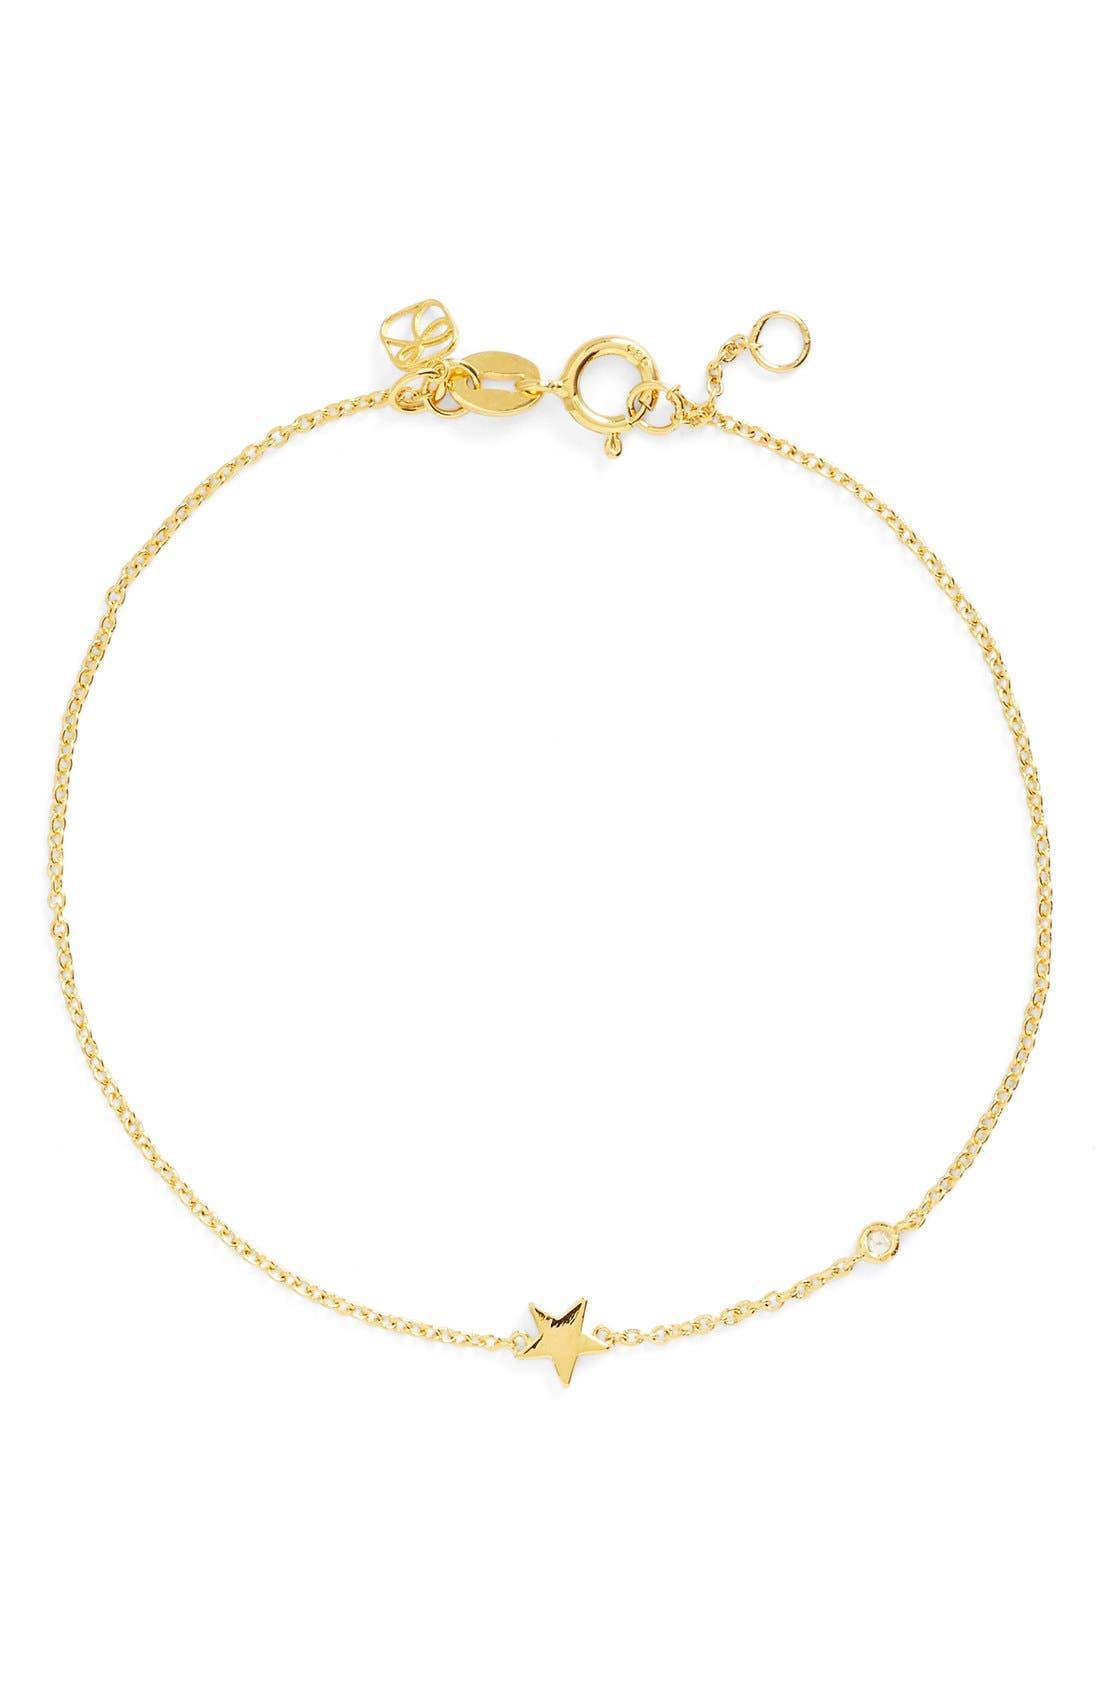 Main Image - Shy by SE Star Bracelet